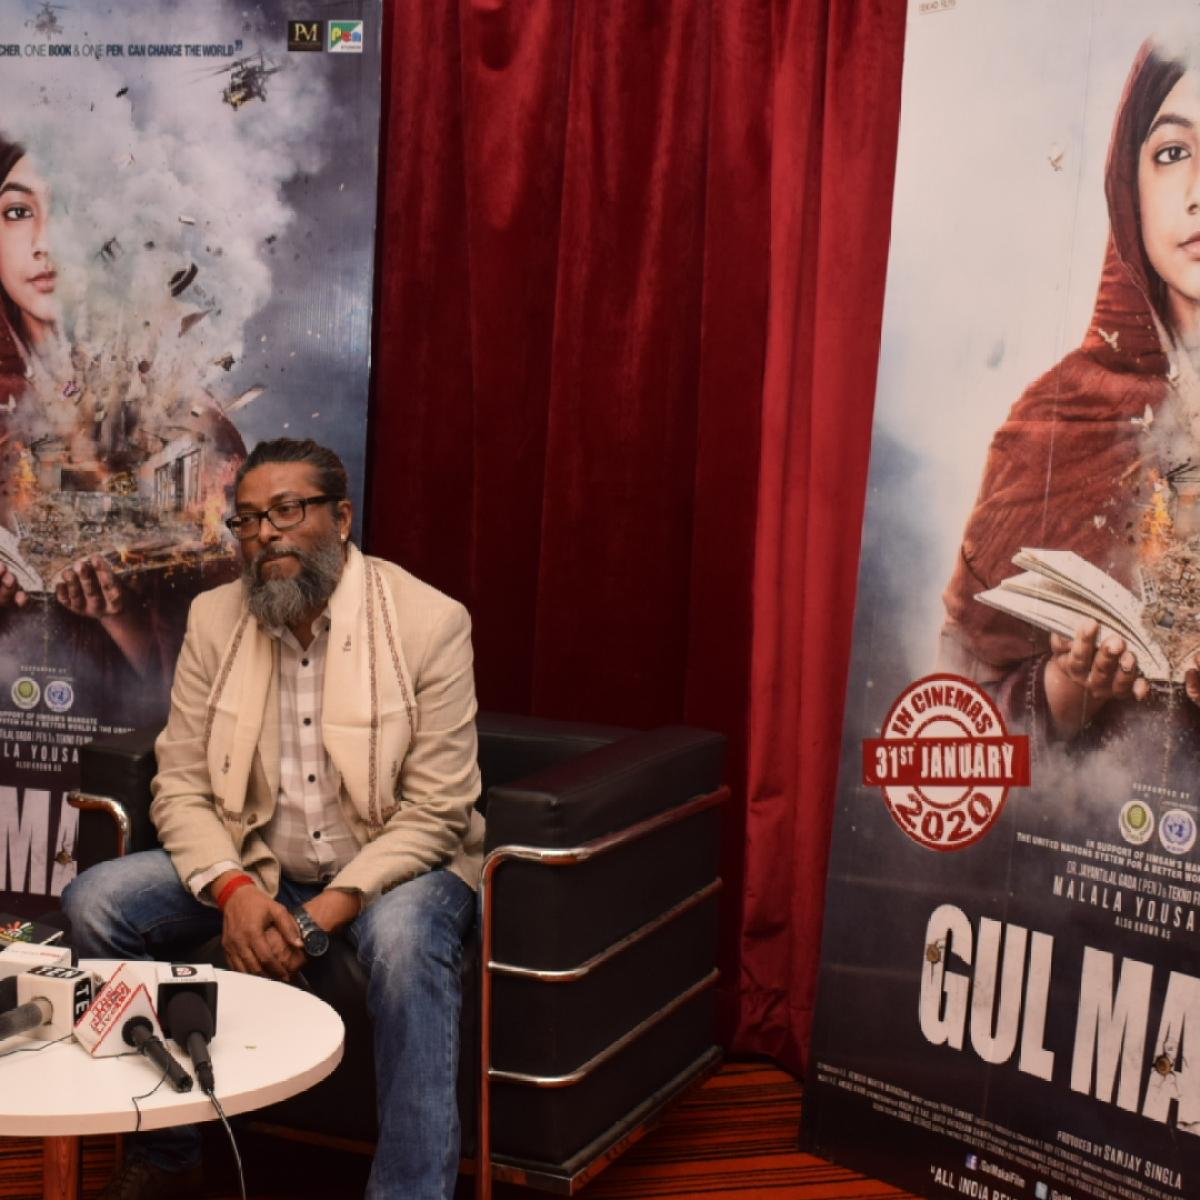 CAA is not 'Citizenship Amendment Act' but 'Citizen Abhorrent Act': 'Gul Makai' director Amjad Khan